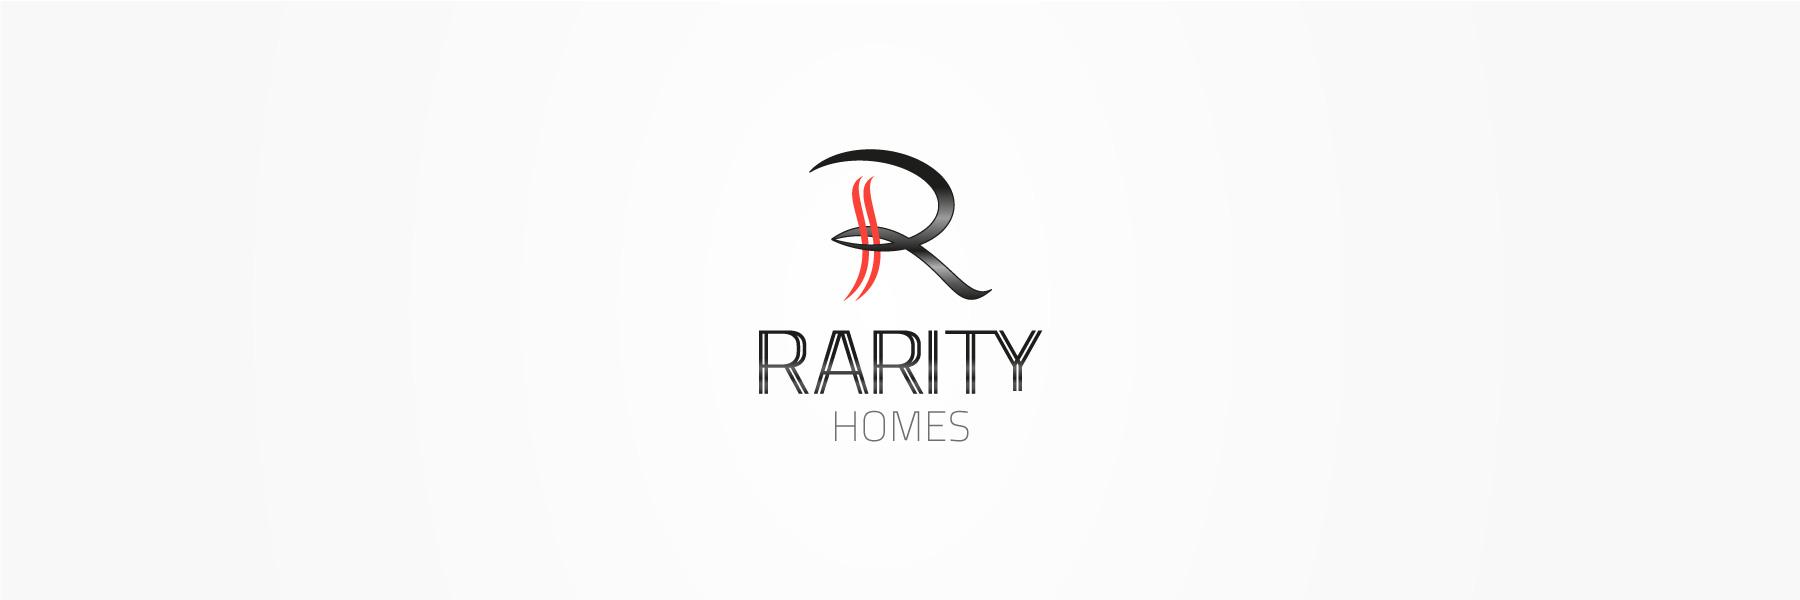 Rarity-Homes-Construction-Logo-Design